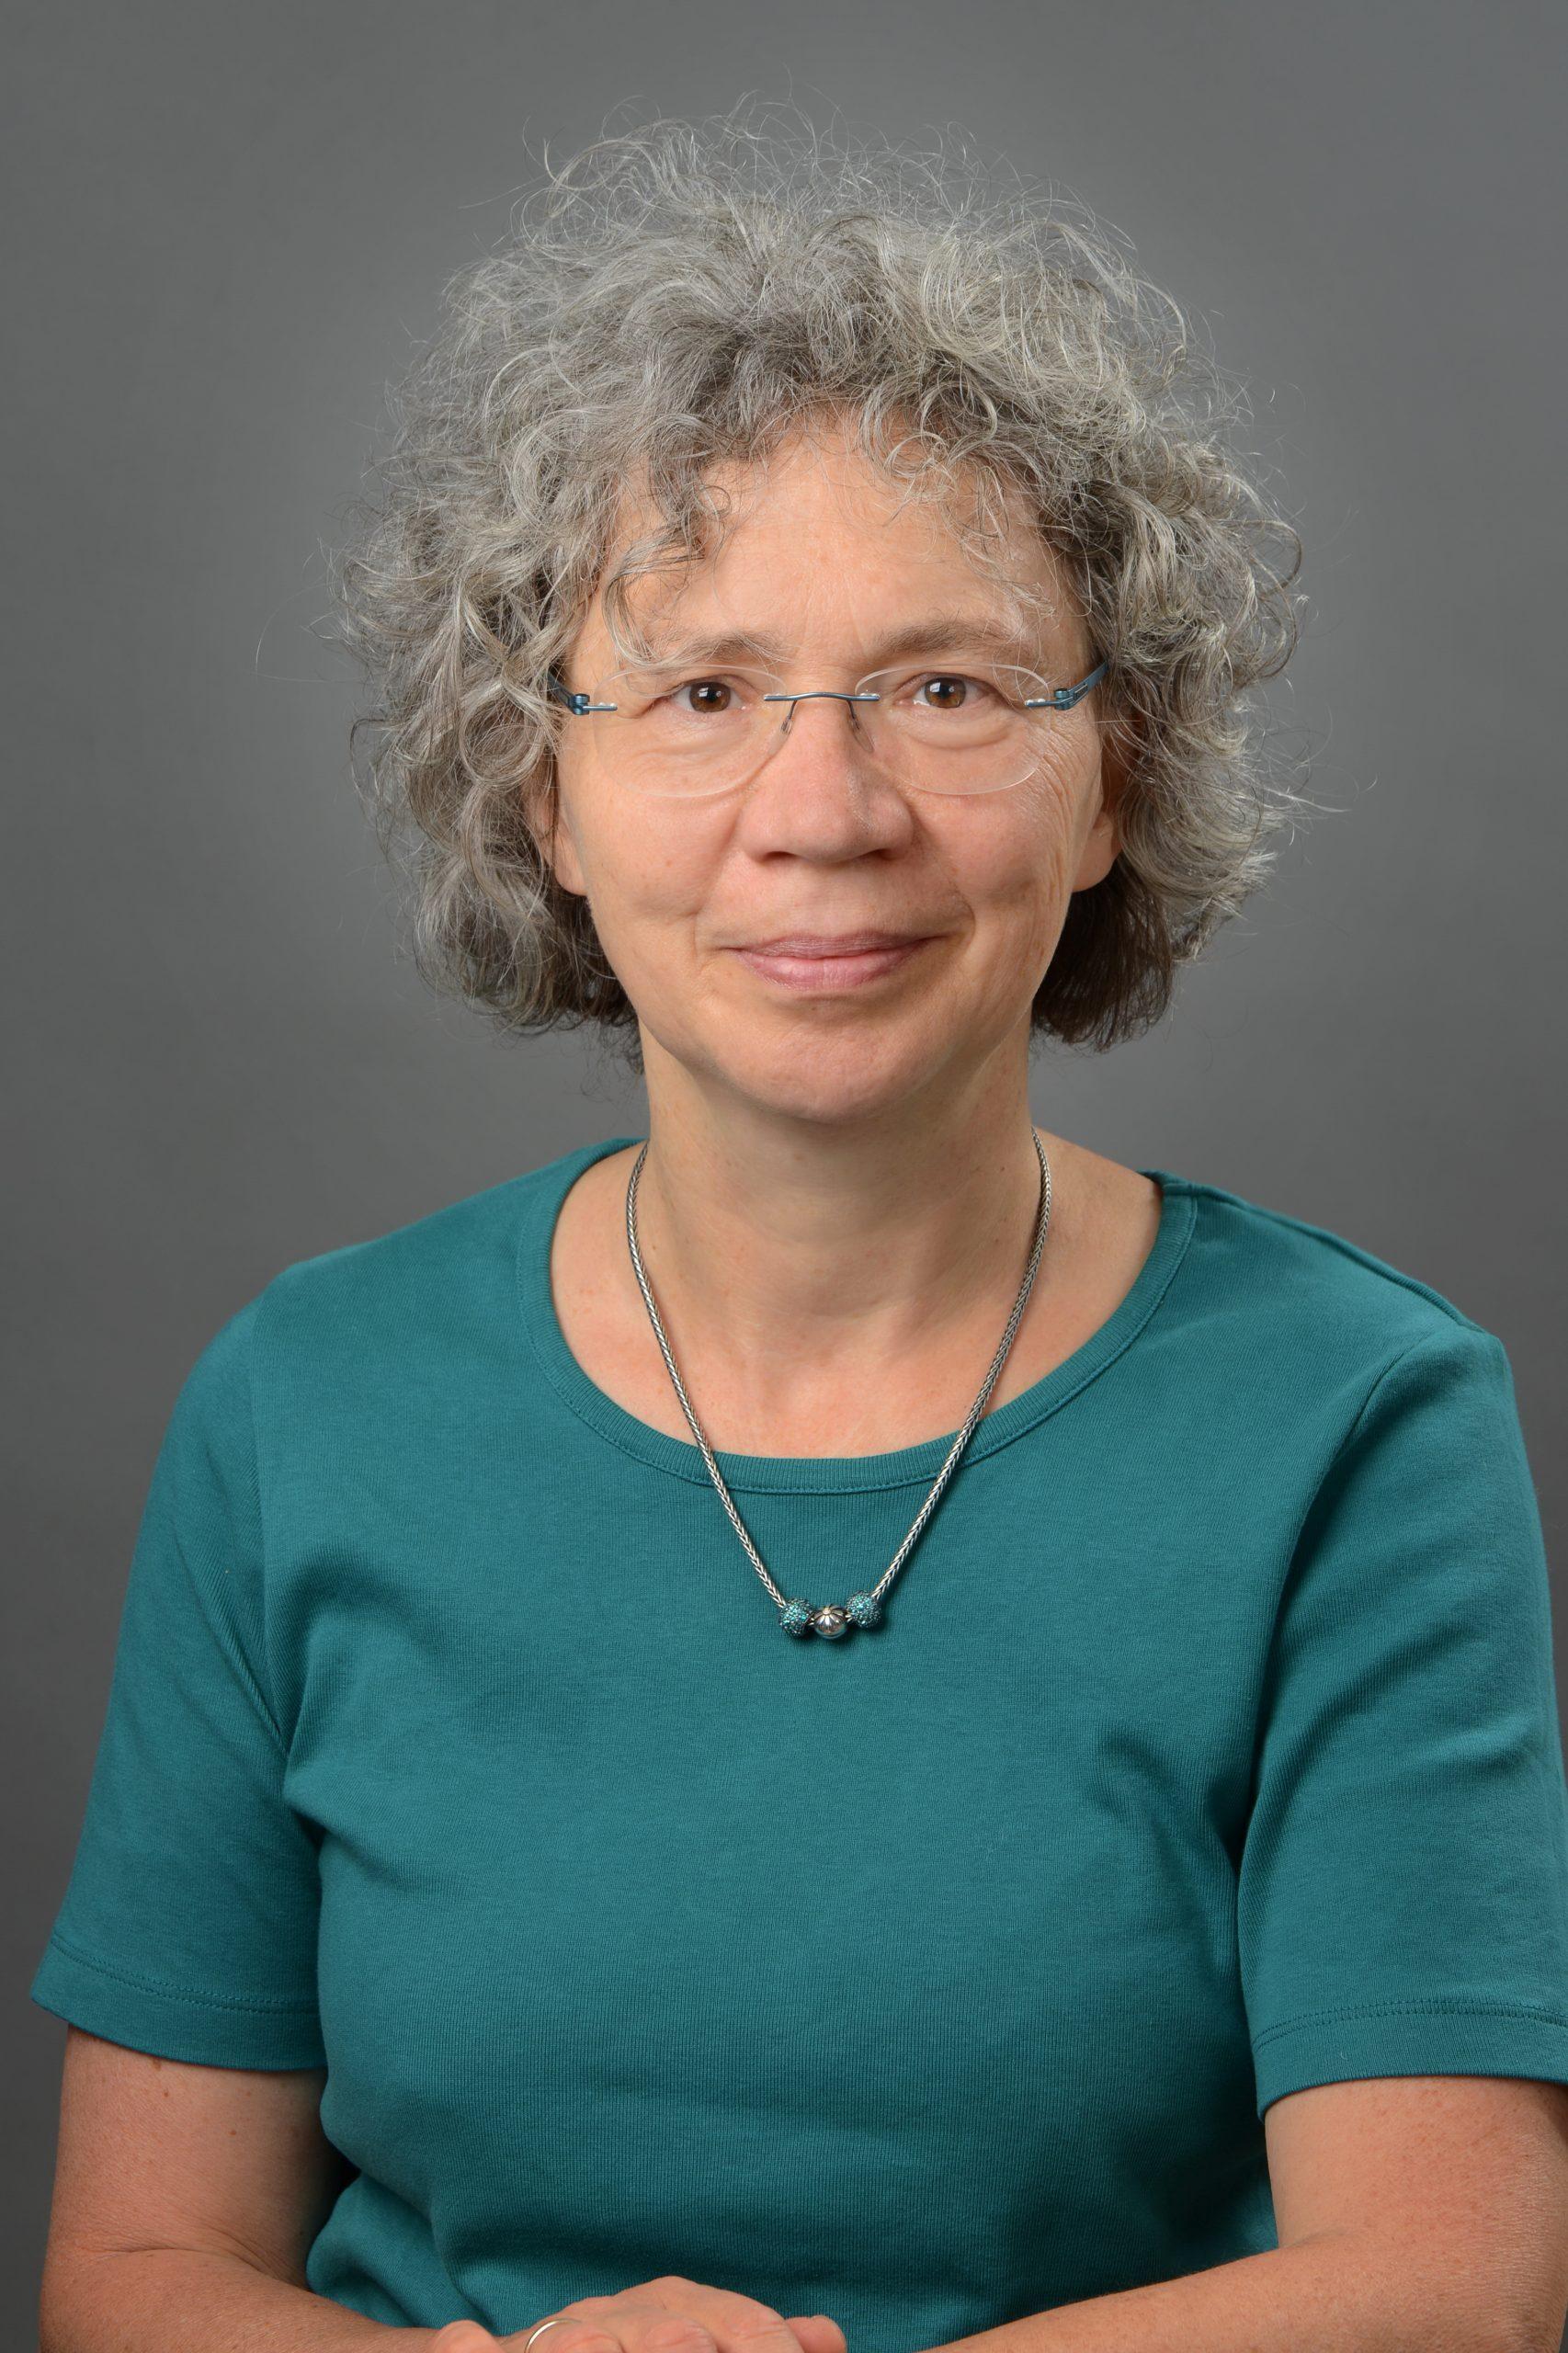 Dr. Dorothee Sandhofe